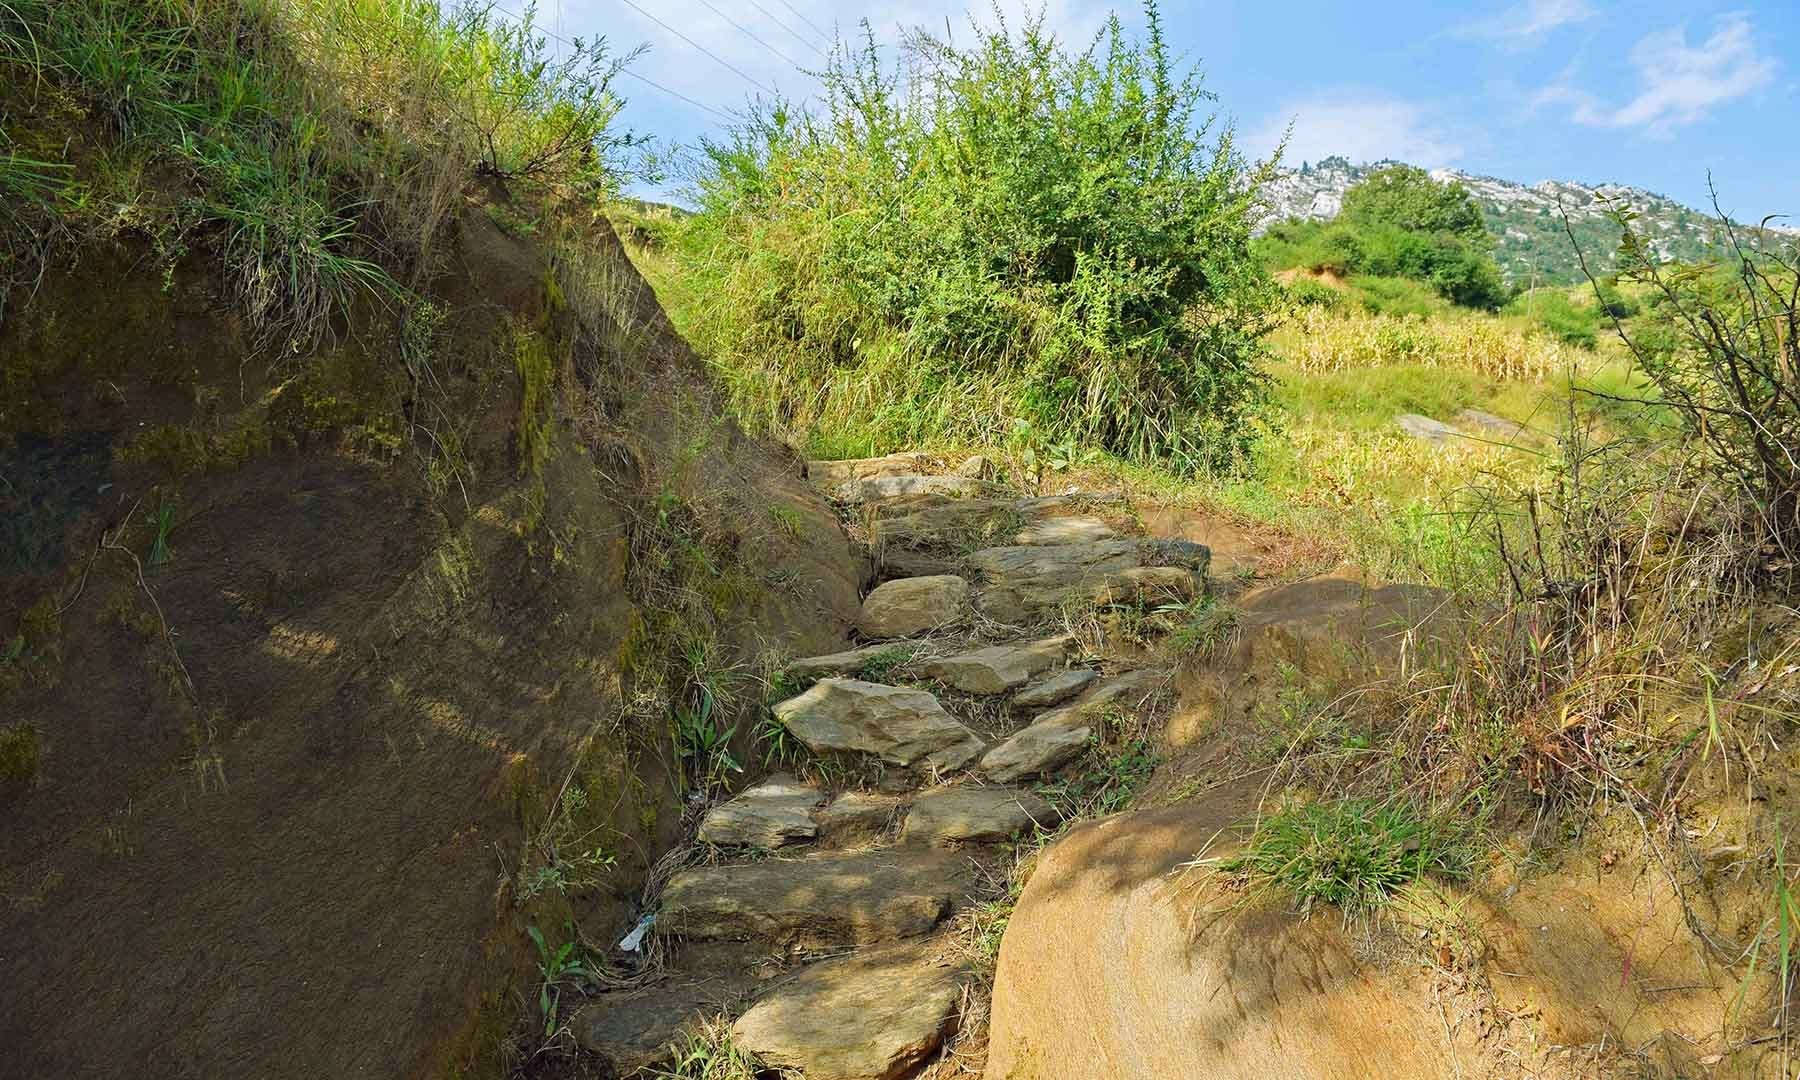 ایلم گاؤں سے رام تخت تک جانے والا کچا راستہ۔